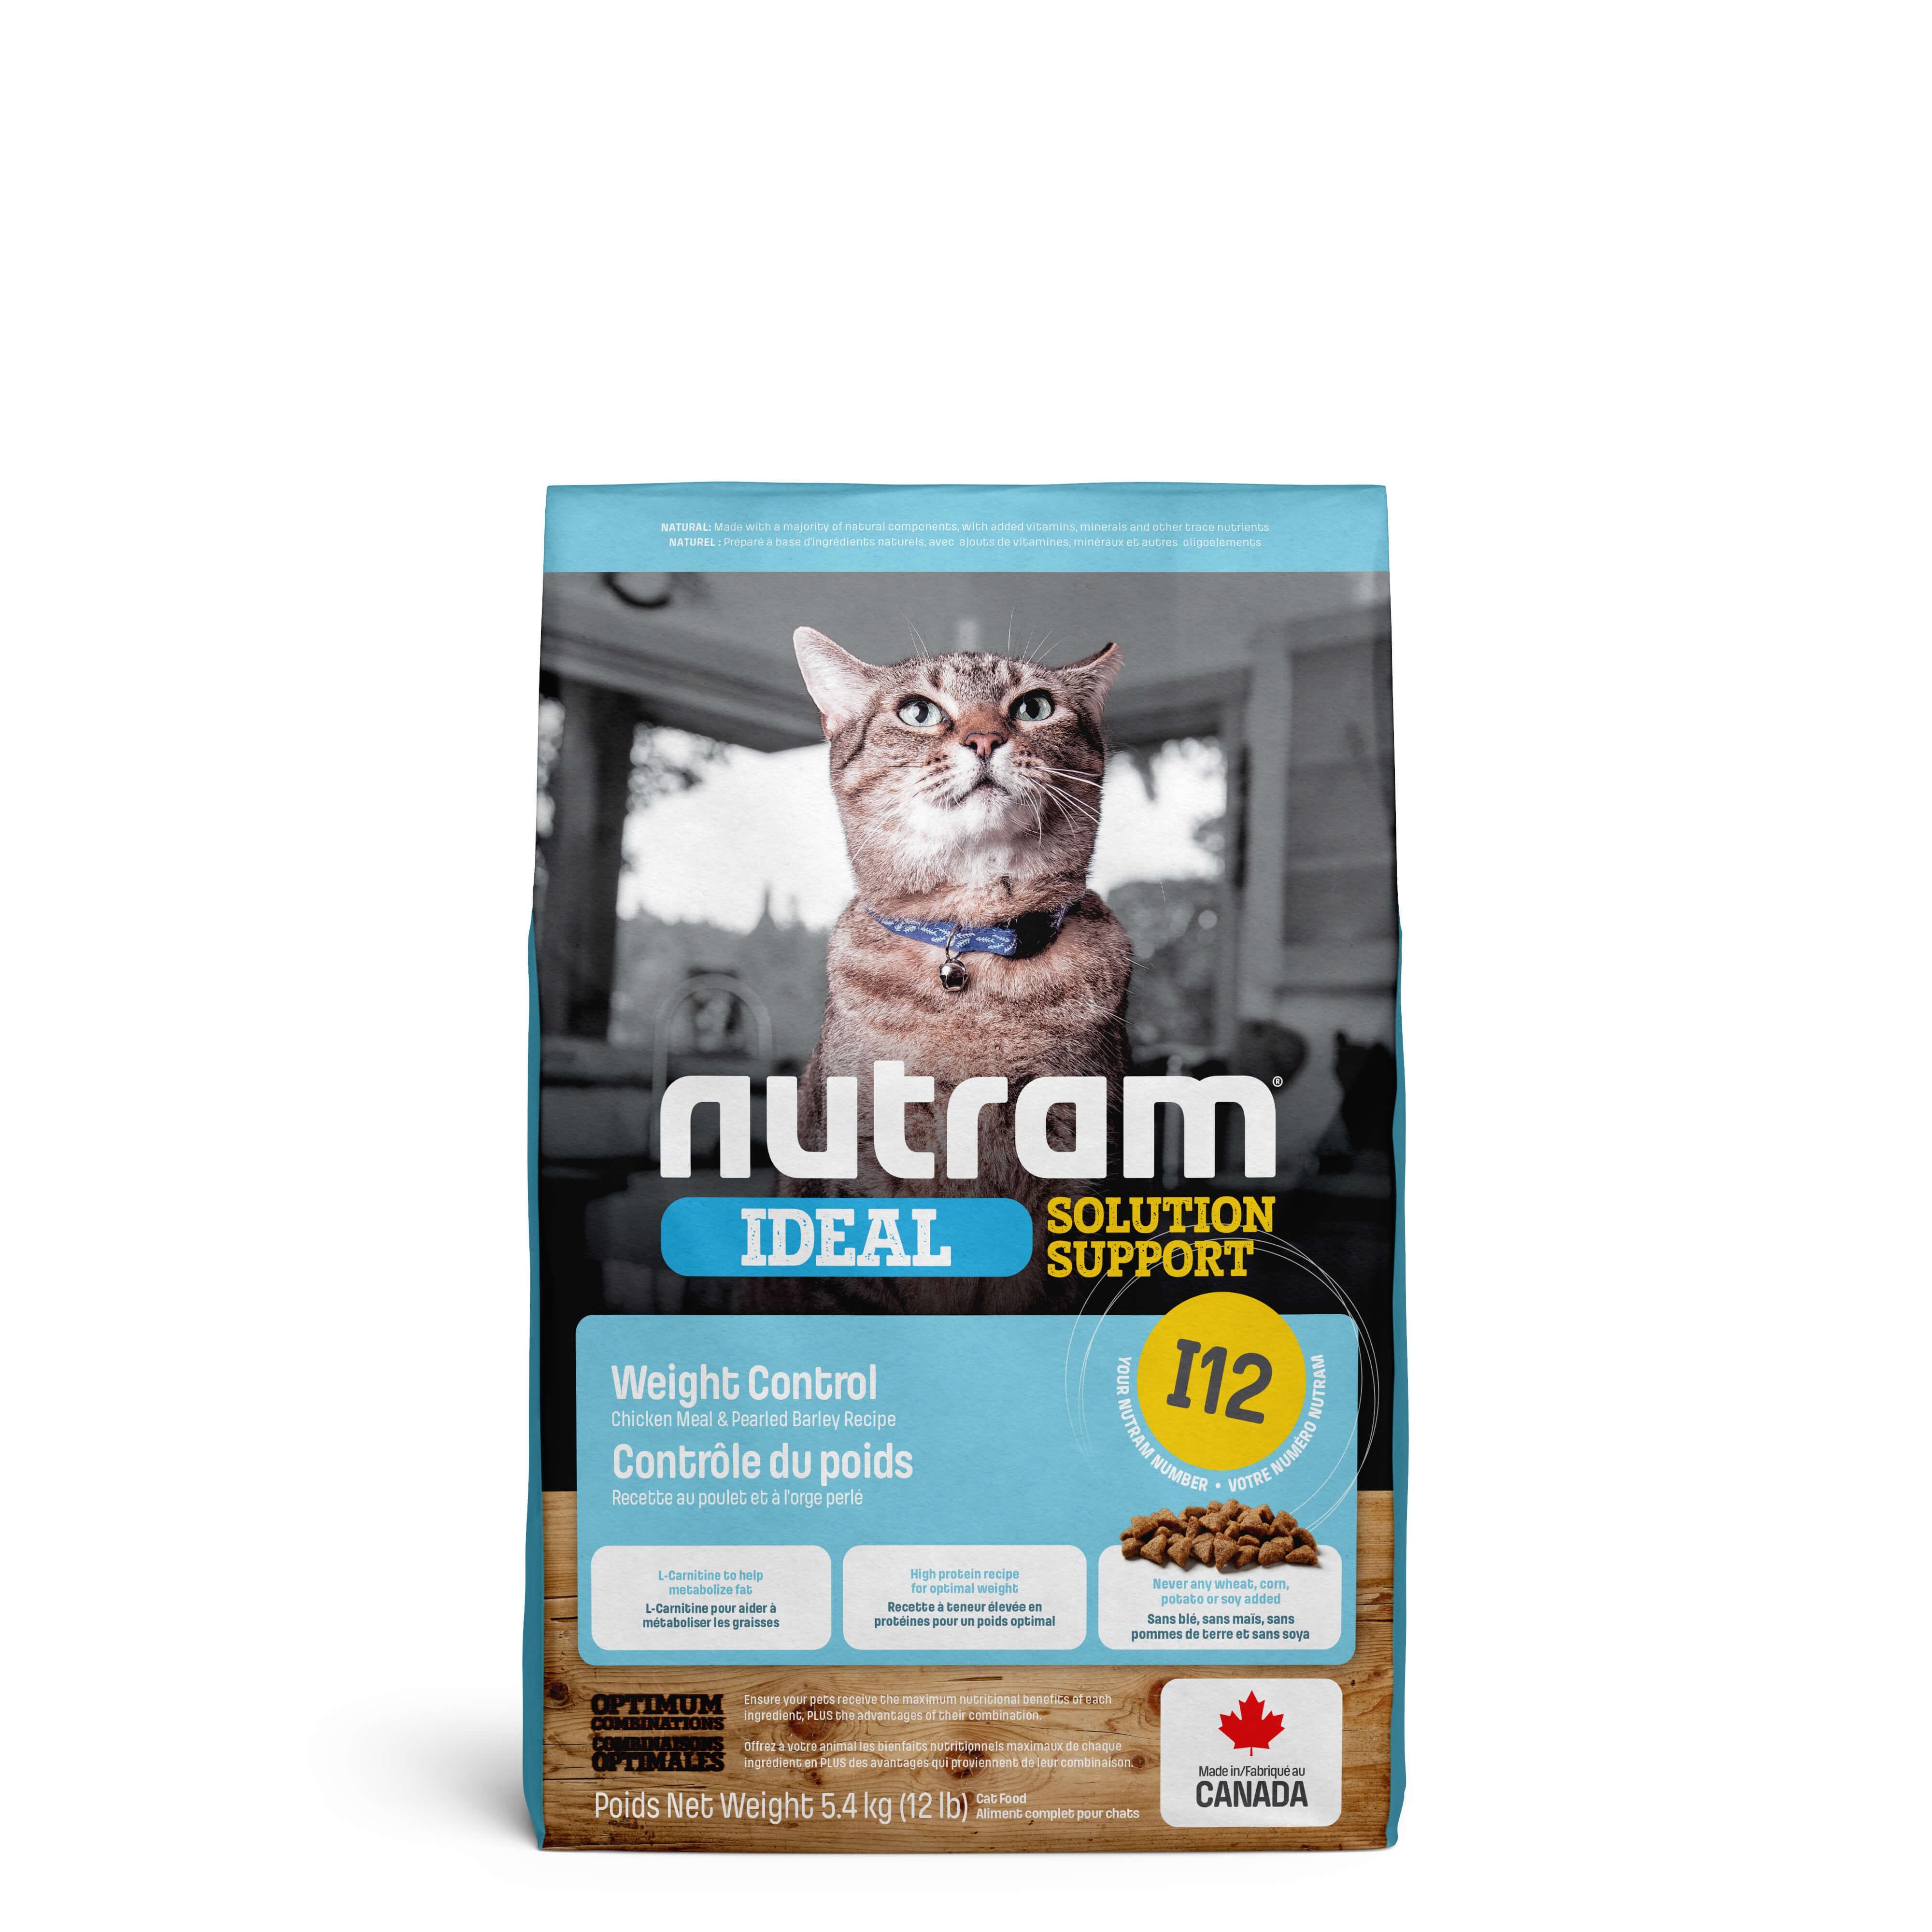 Nutram Ideal Solution Support Weight Control I12 Katzenfutter